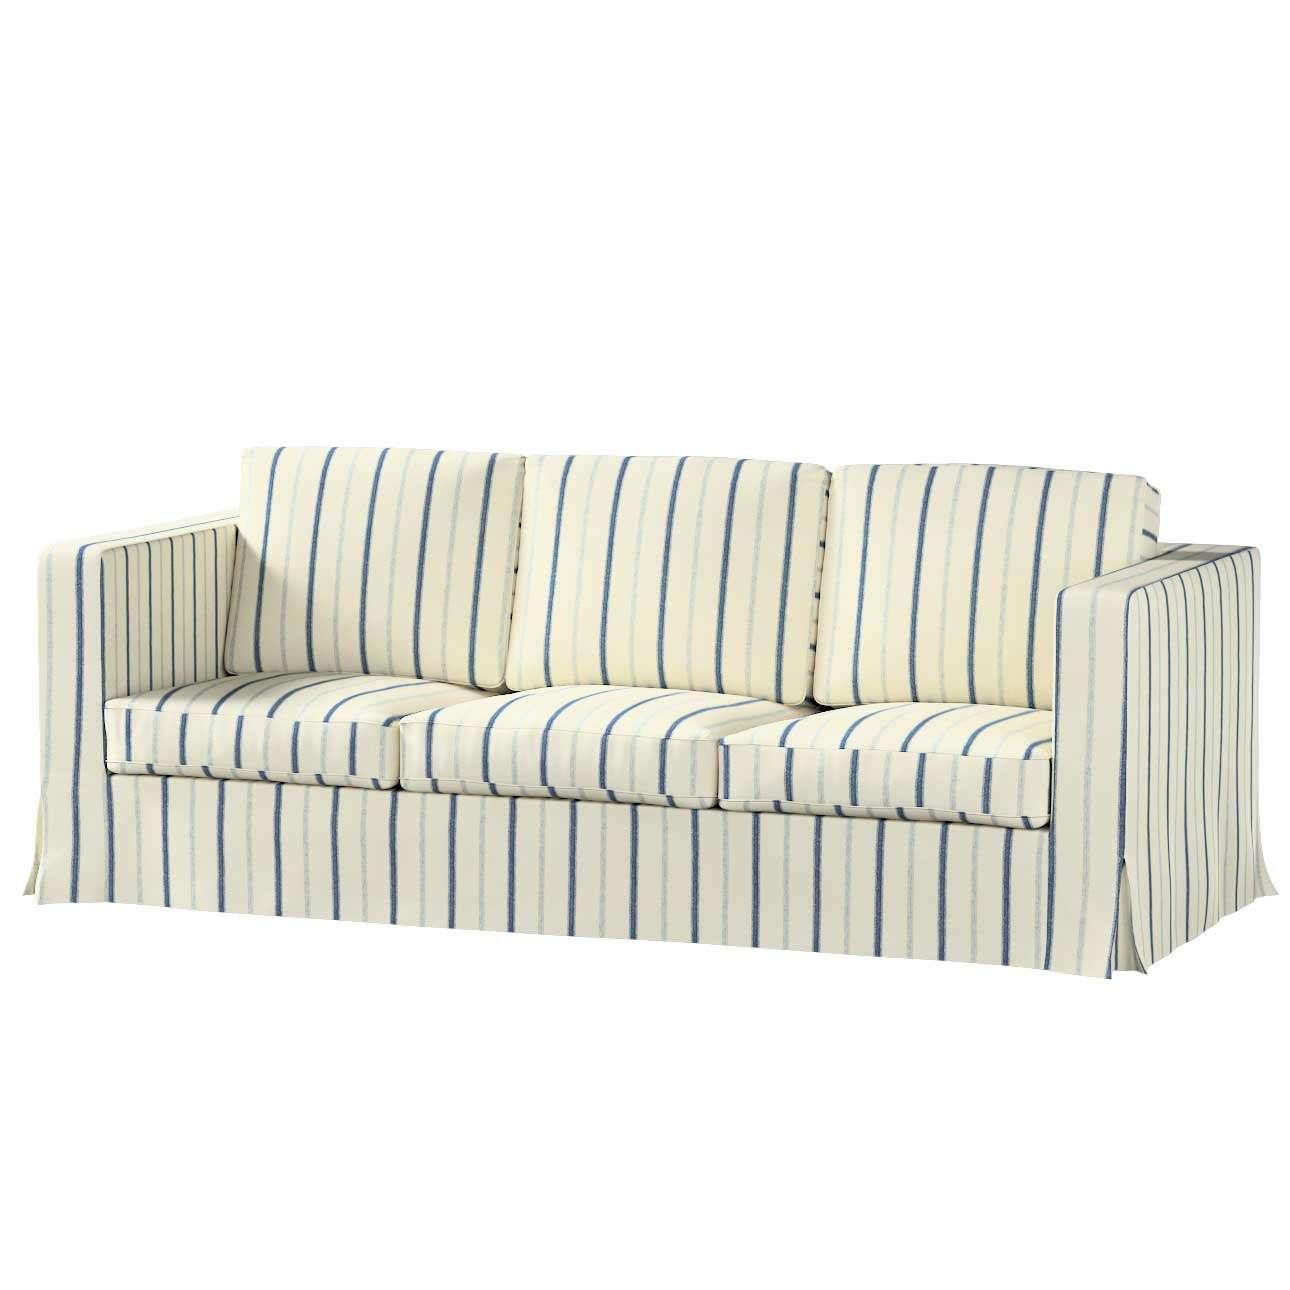 Karlanda 3-Sitzer Sofabezug nicht ausklappbar lang von der Kollektion Avinon, Stoff: 129-66